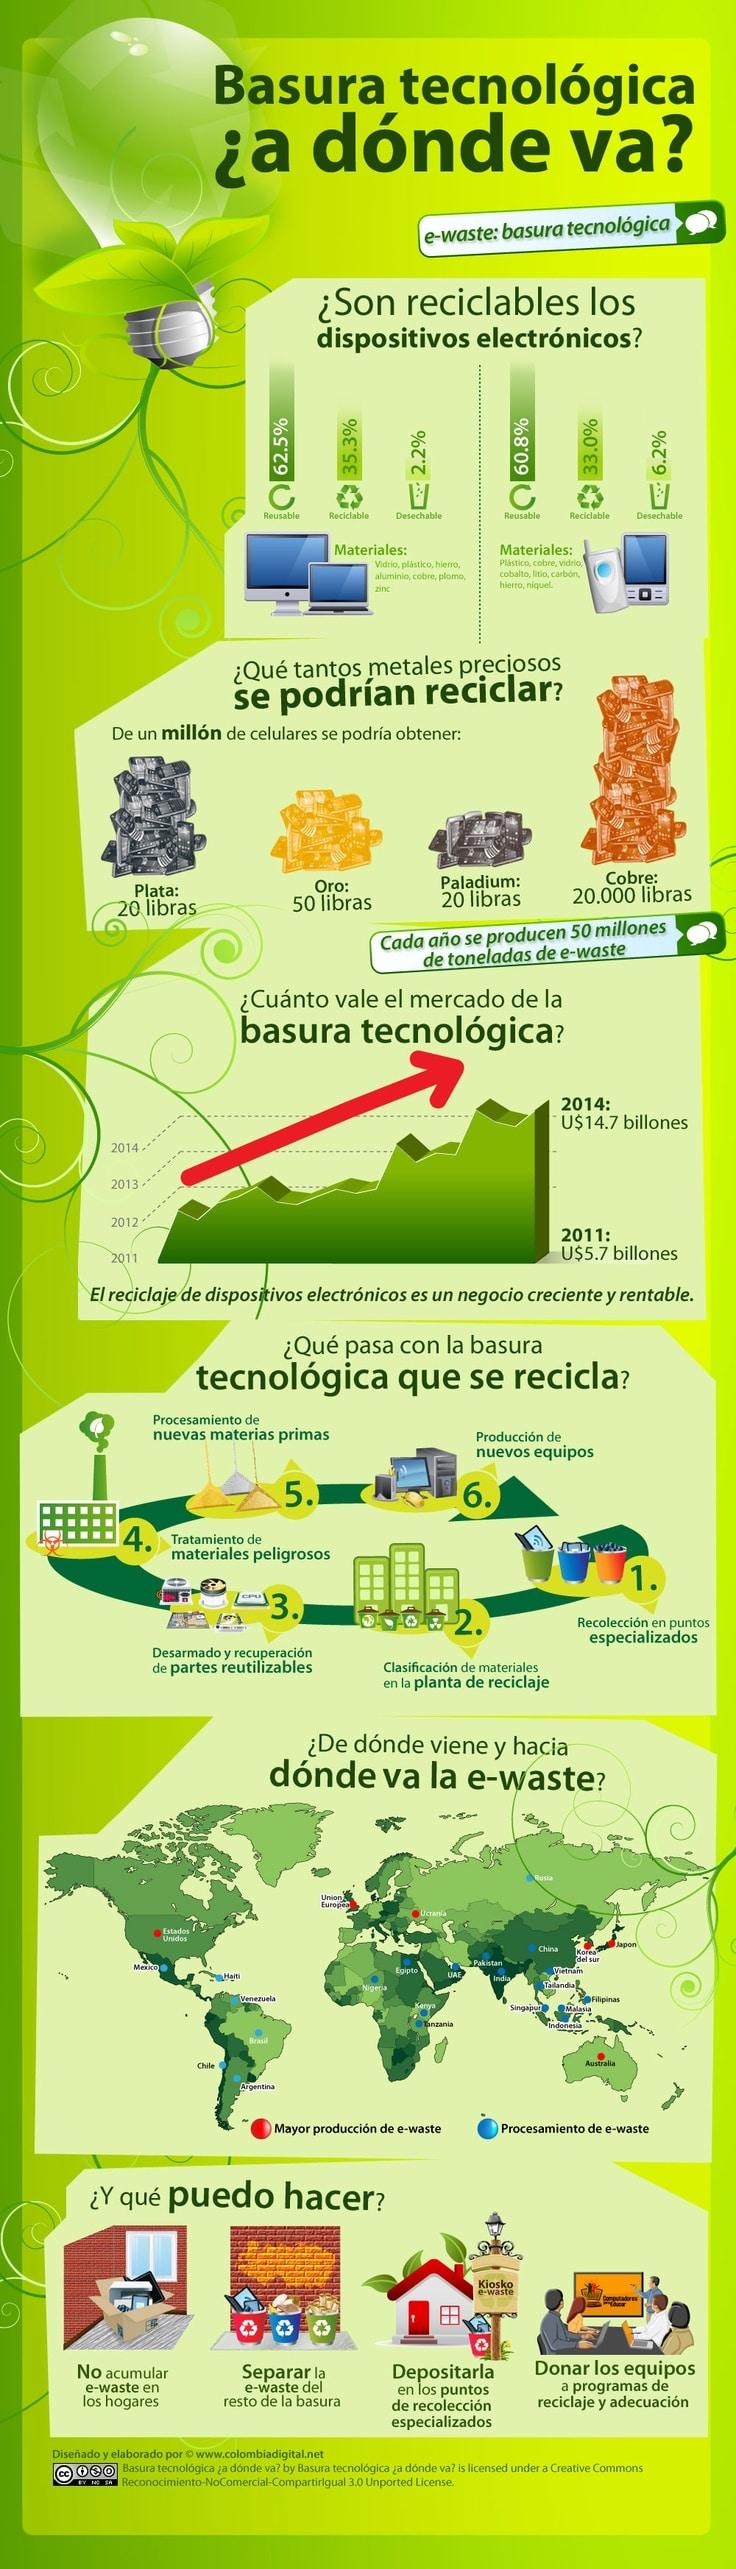 basura tecnologica